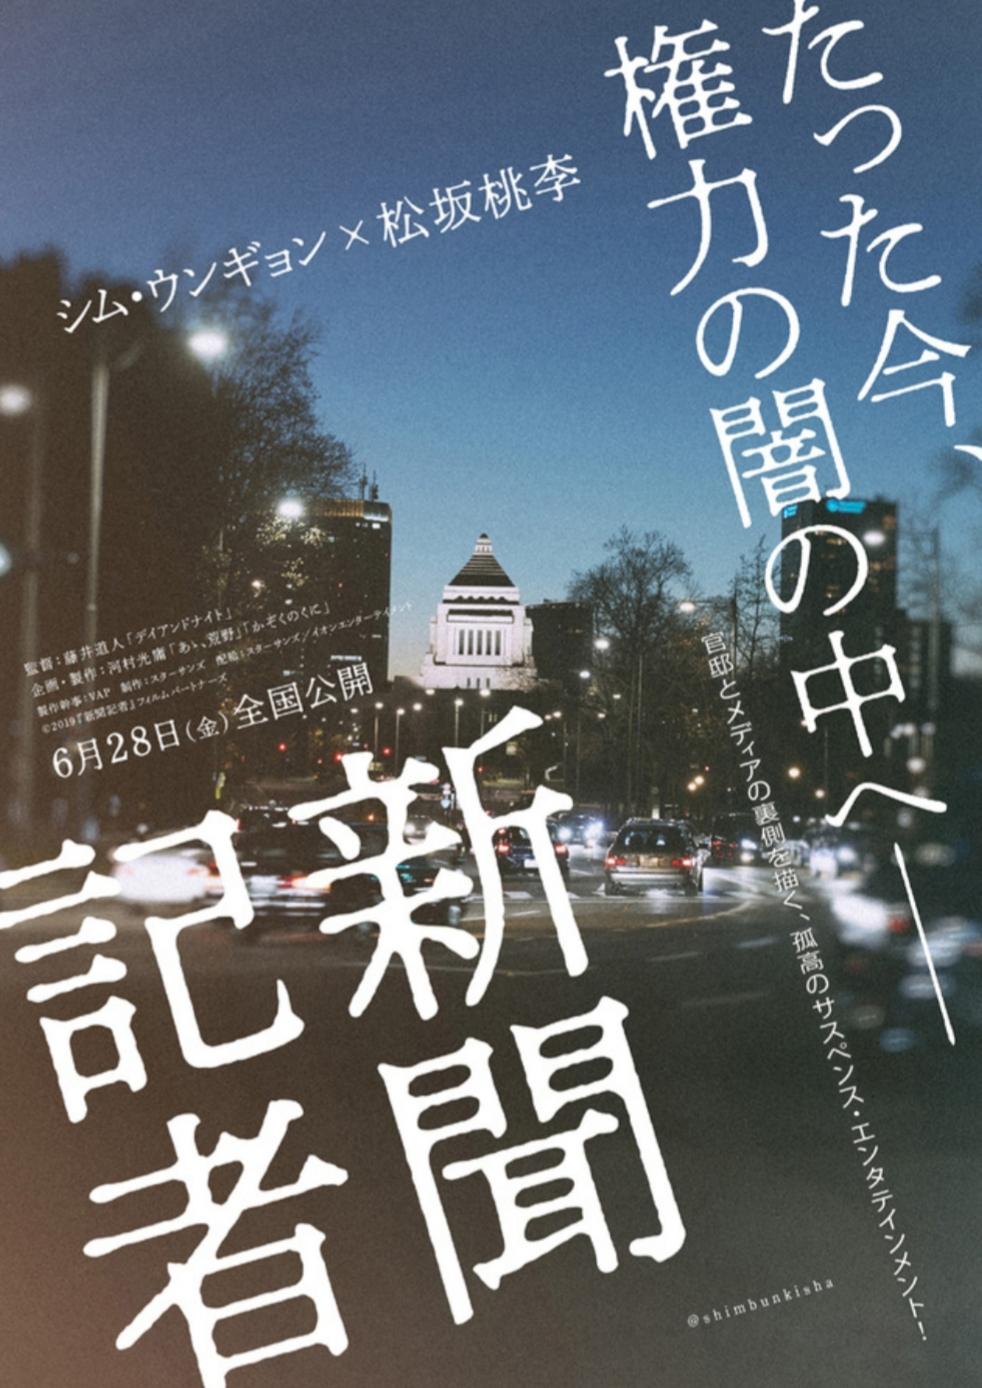 【現実逃避】日本アカデミー賞からの映画話。